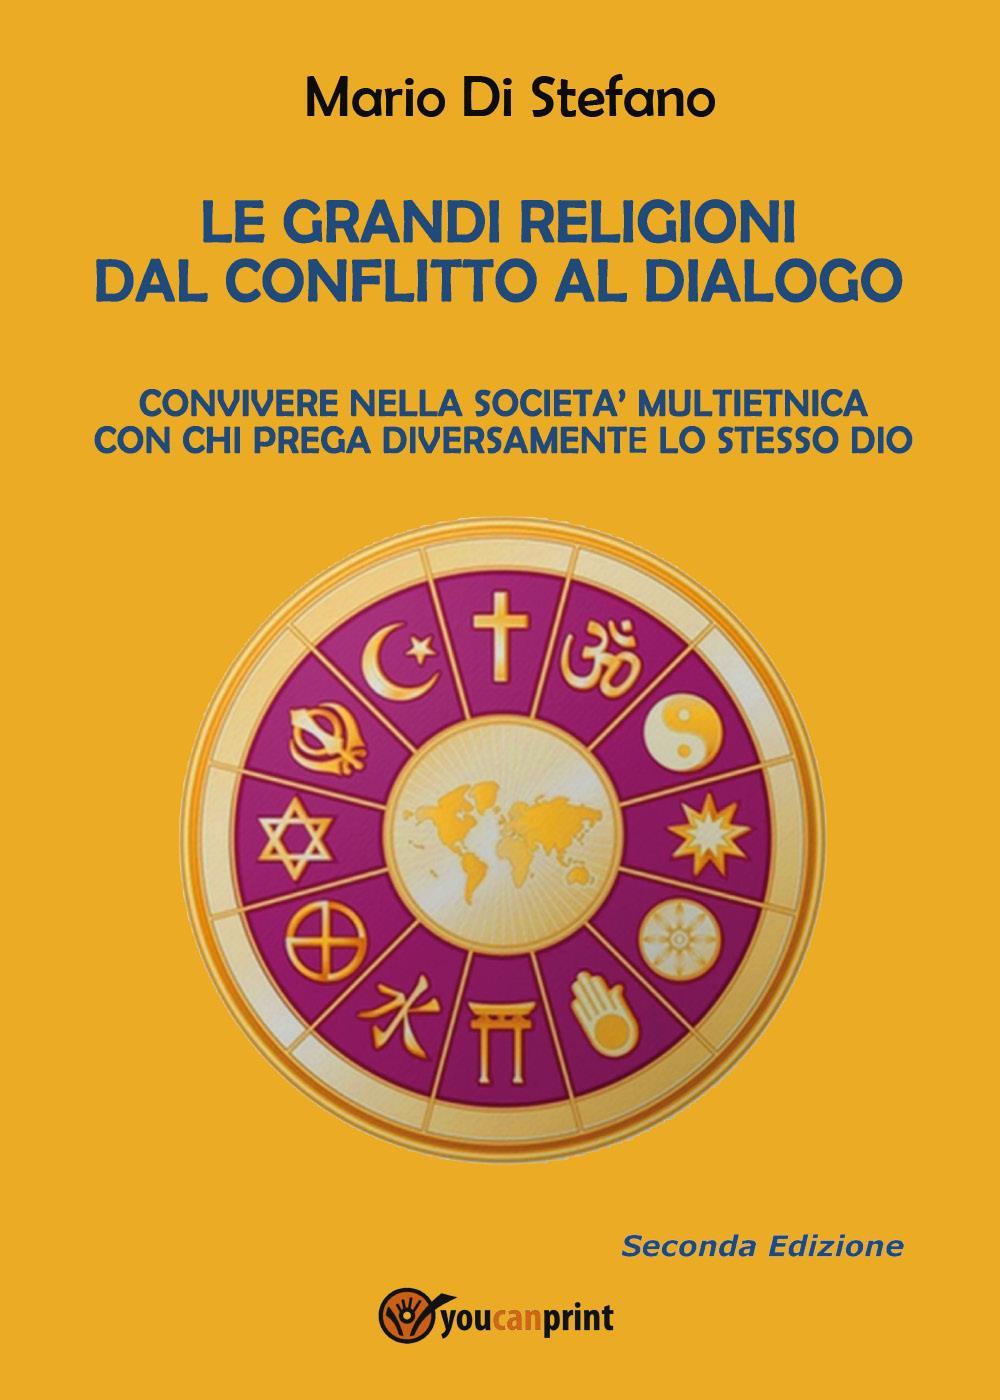 Le grandi religioni dal conflitto al dialogo